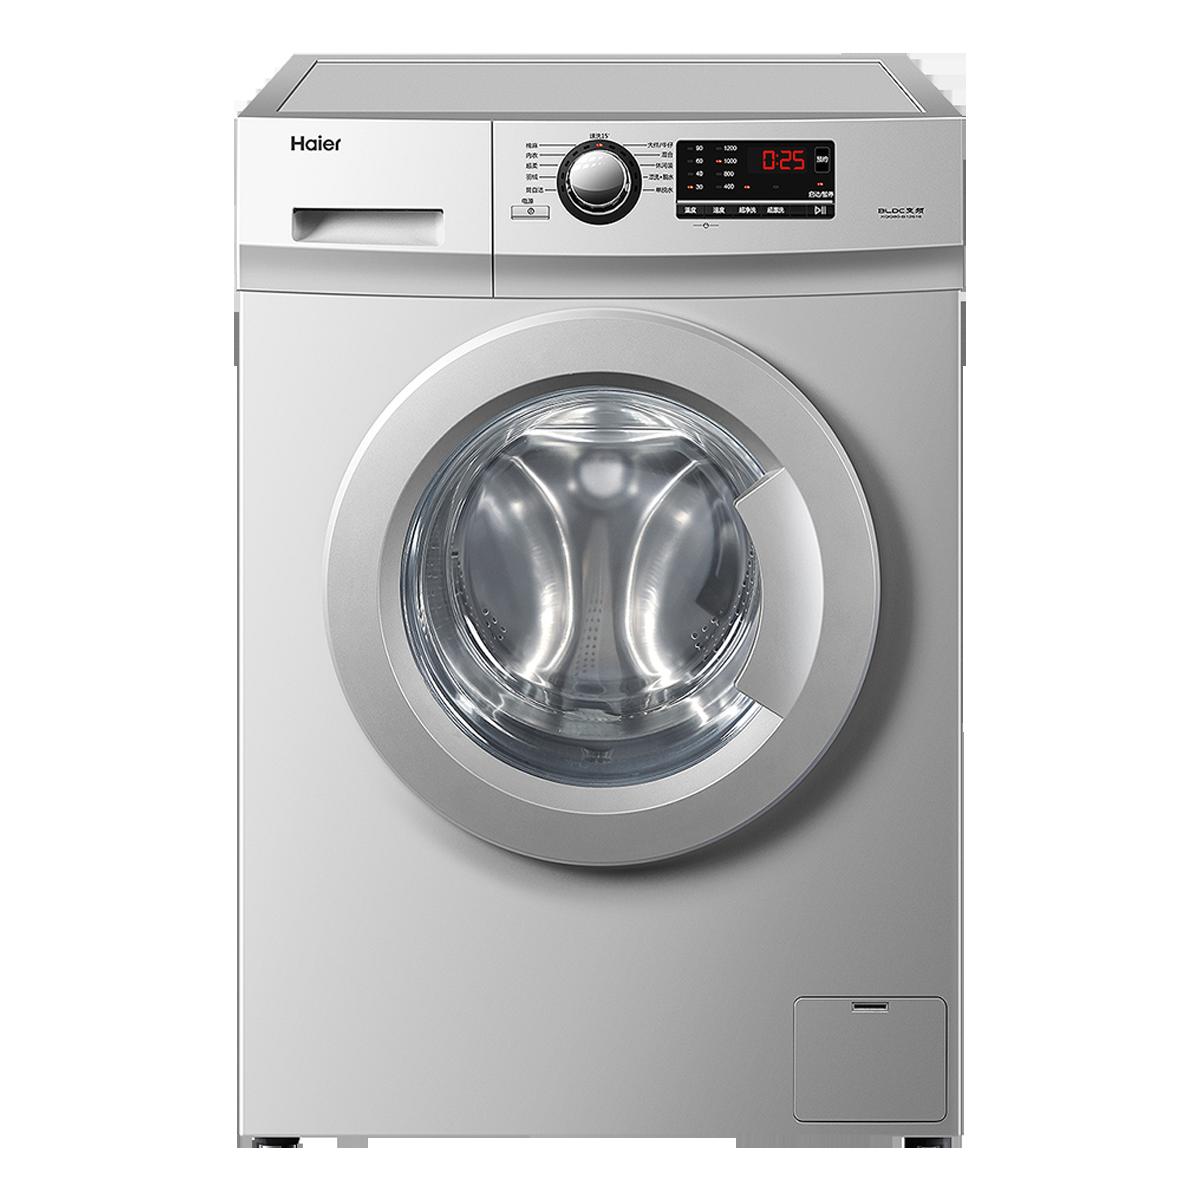 海尔Haier洗衣机 XQG80-B12616 说明书